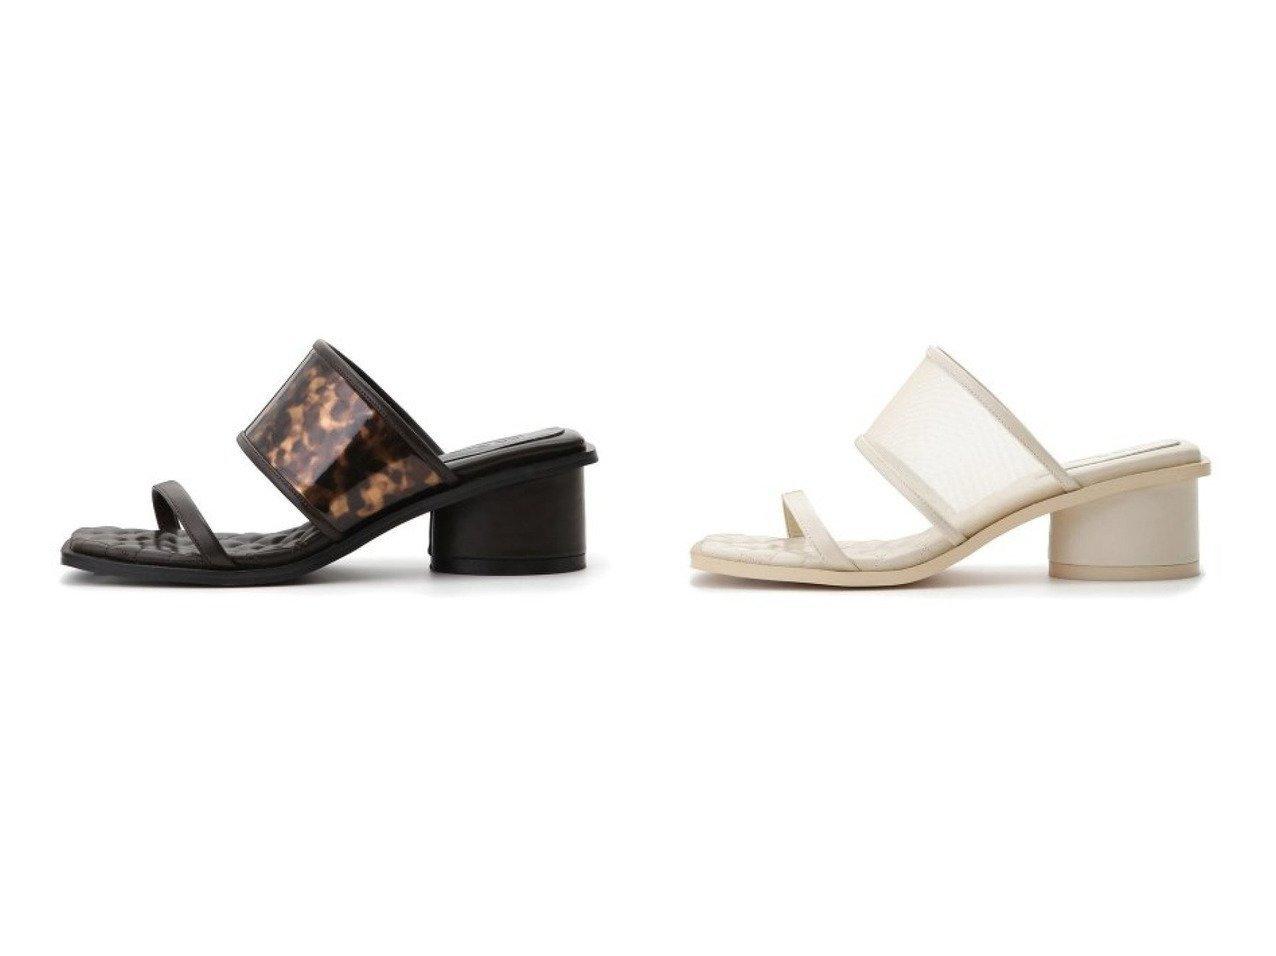 【Lily Brown/リリーブラウン】のダブルストラップミュール 【シューズ・靴】おすすめ!人気、トレンド・レディースファッションの通販   おすすめで人気の流行・トレンド、ファッションの通販商品 メンズファッション・キッズファッション・インテリア・家具・レディースファッション・服の通販 founy(ファニー) https://founy.com/ ファッション Fashion レディースファッション WOMEN インソール キルティング シューズ フィット プリント メッシュ モダン ラップ ロング  ID:crp329100000026895